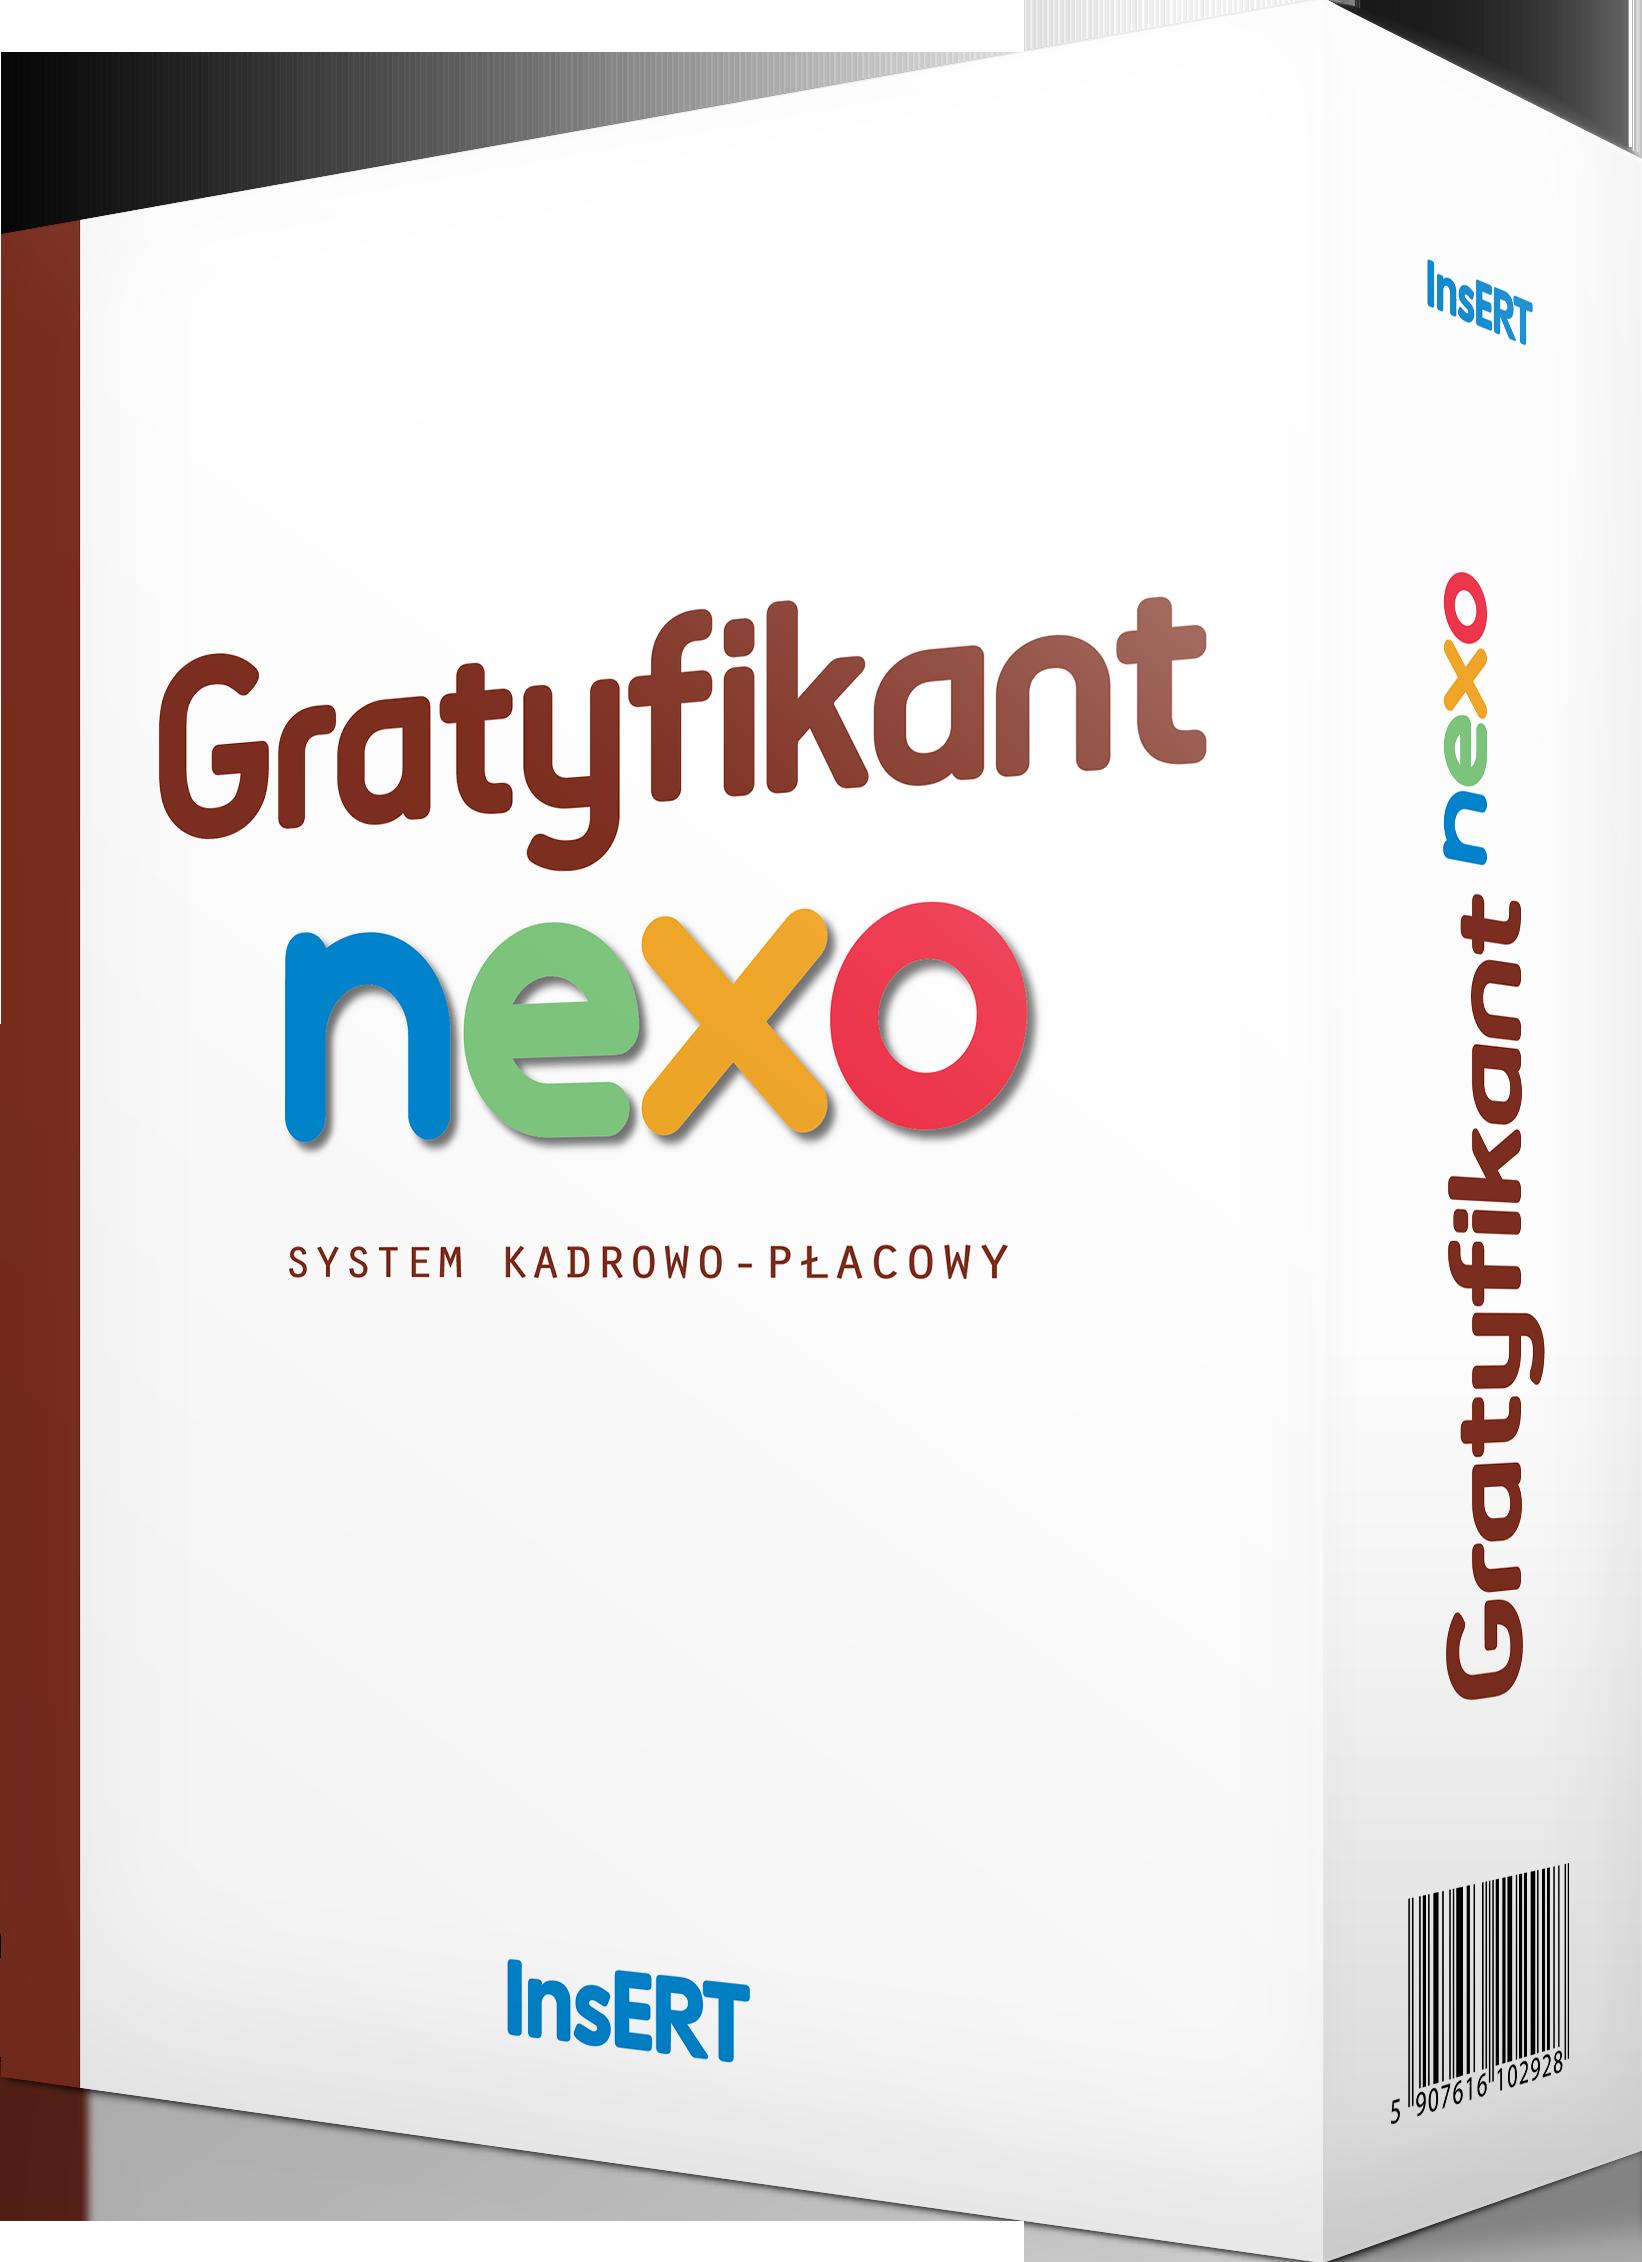 InsERT nexo: nowa generacja systemów dla MSP